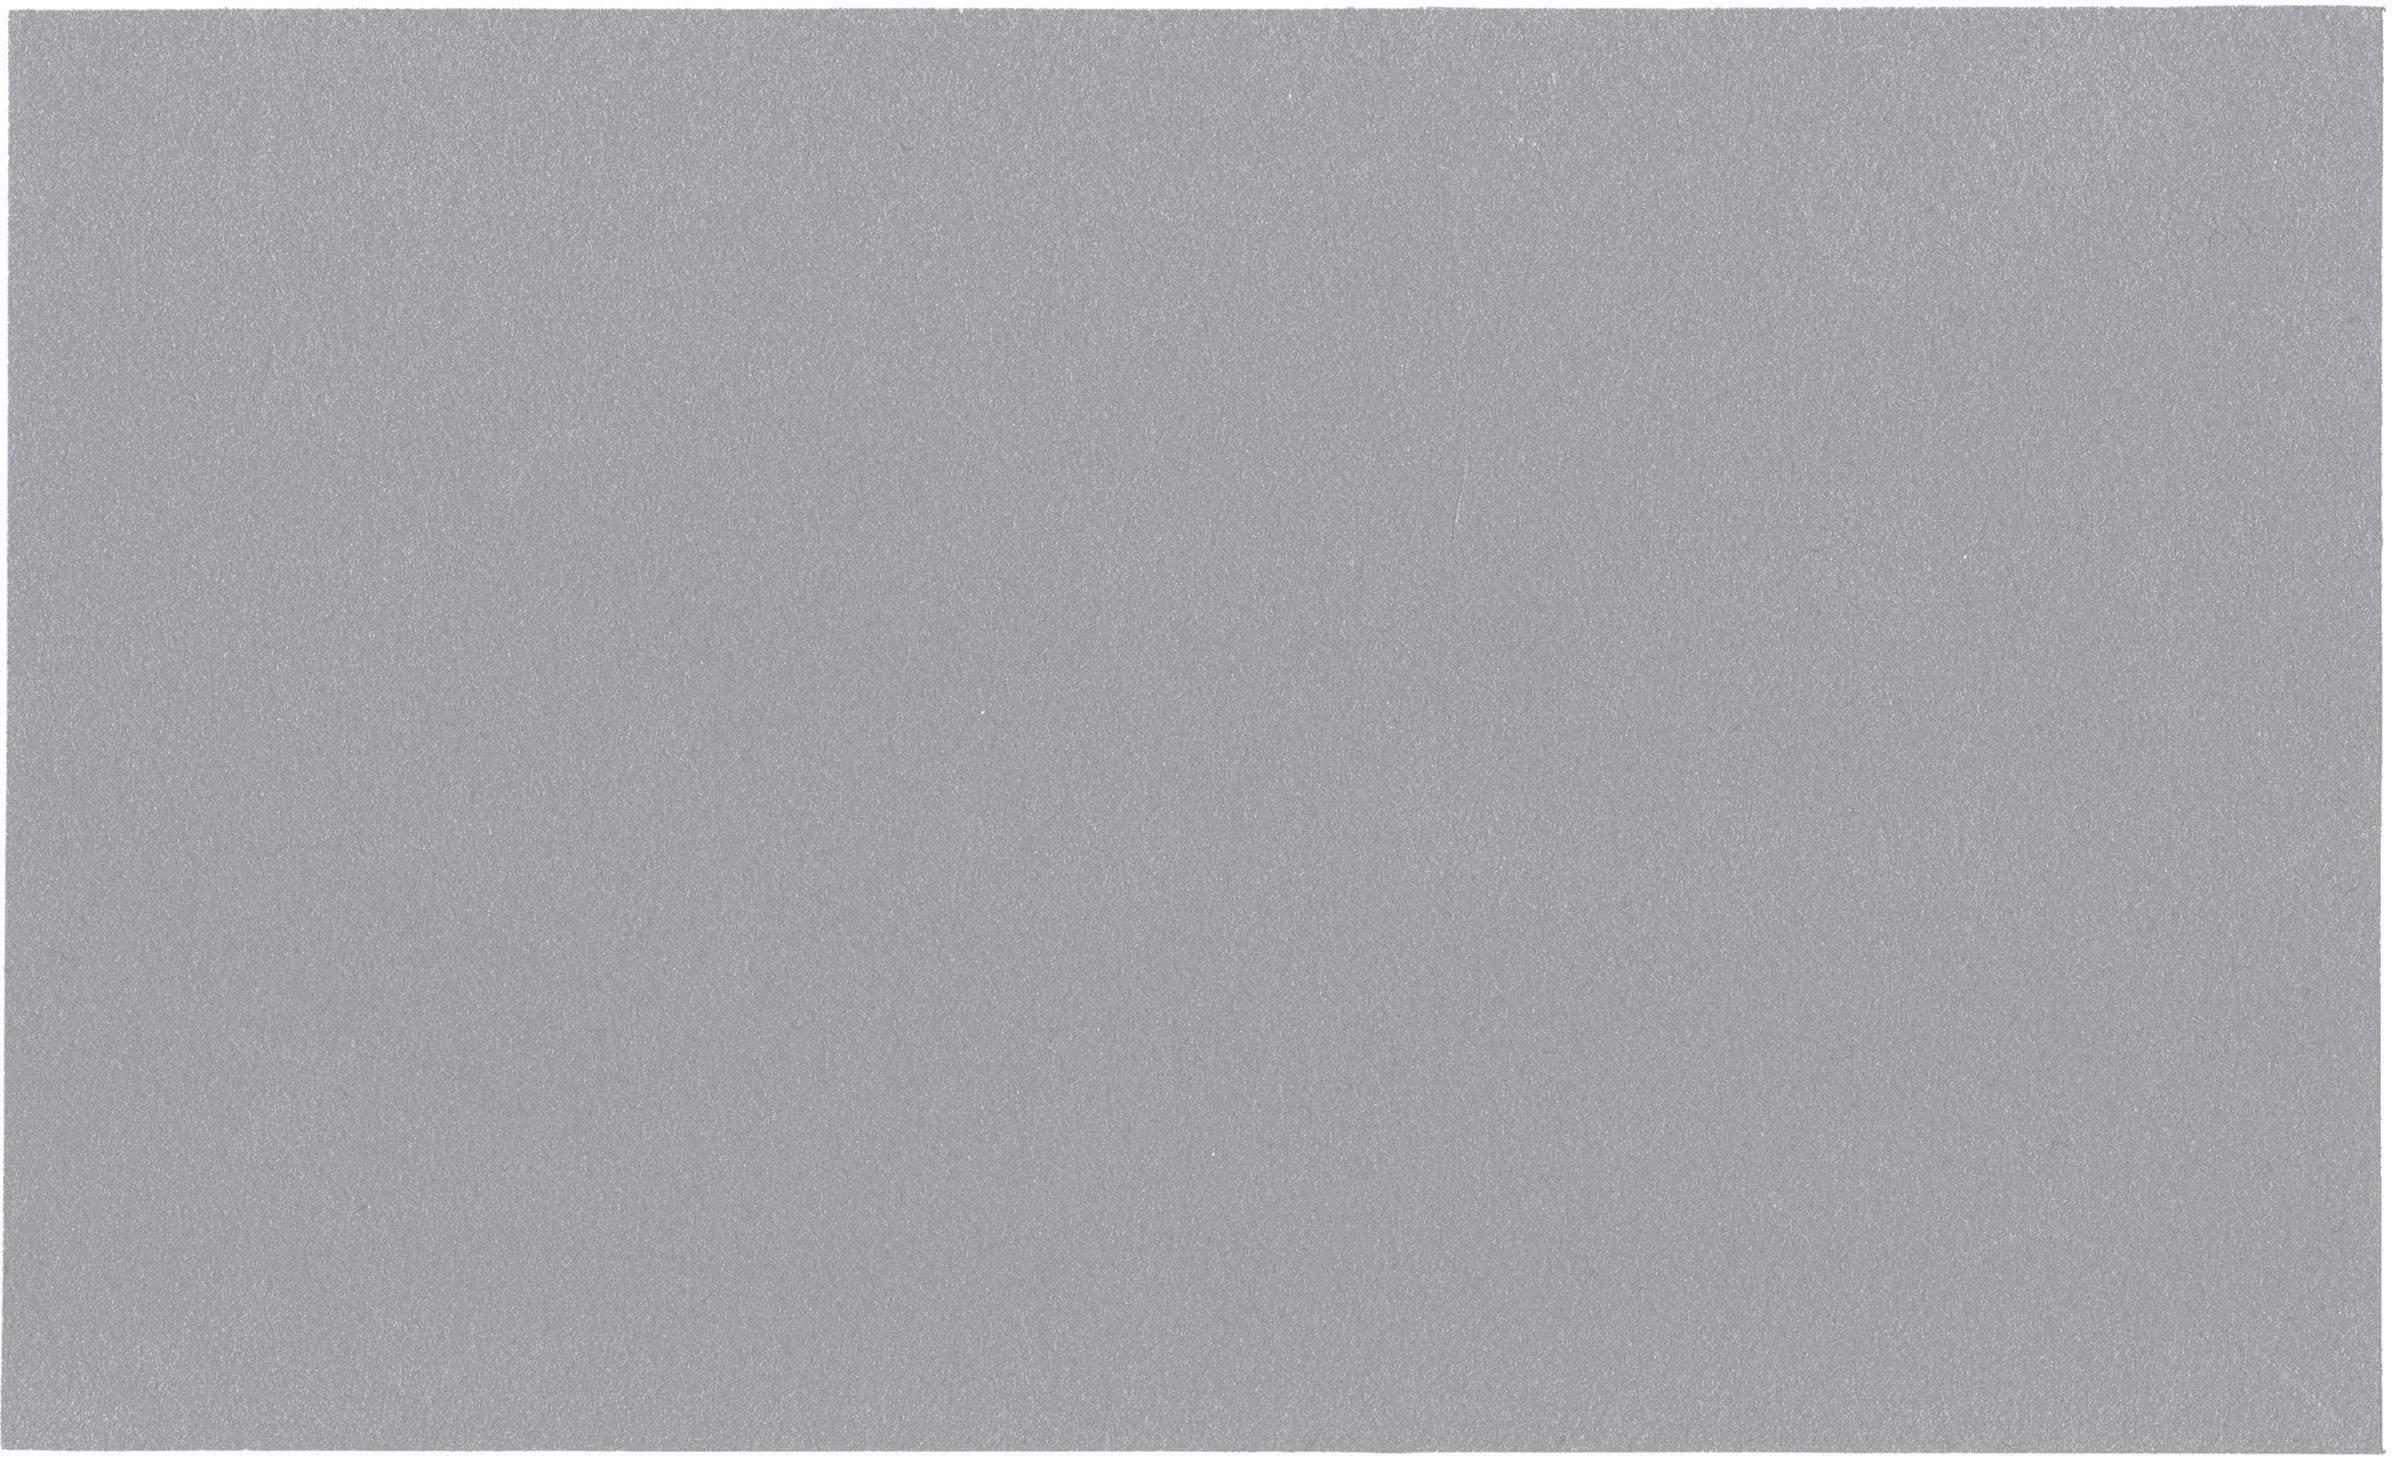 Teplovodivá fólie Softtherm Kerafol 86/600, 6 W/mK, 200 x 120 x 1,5 mm